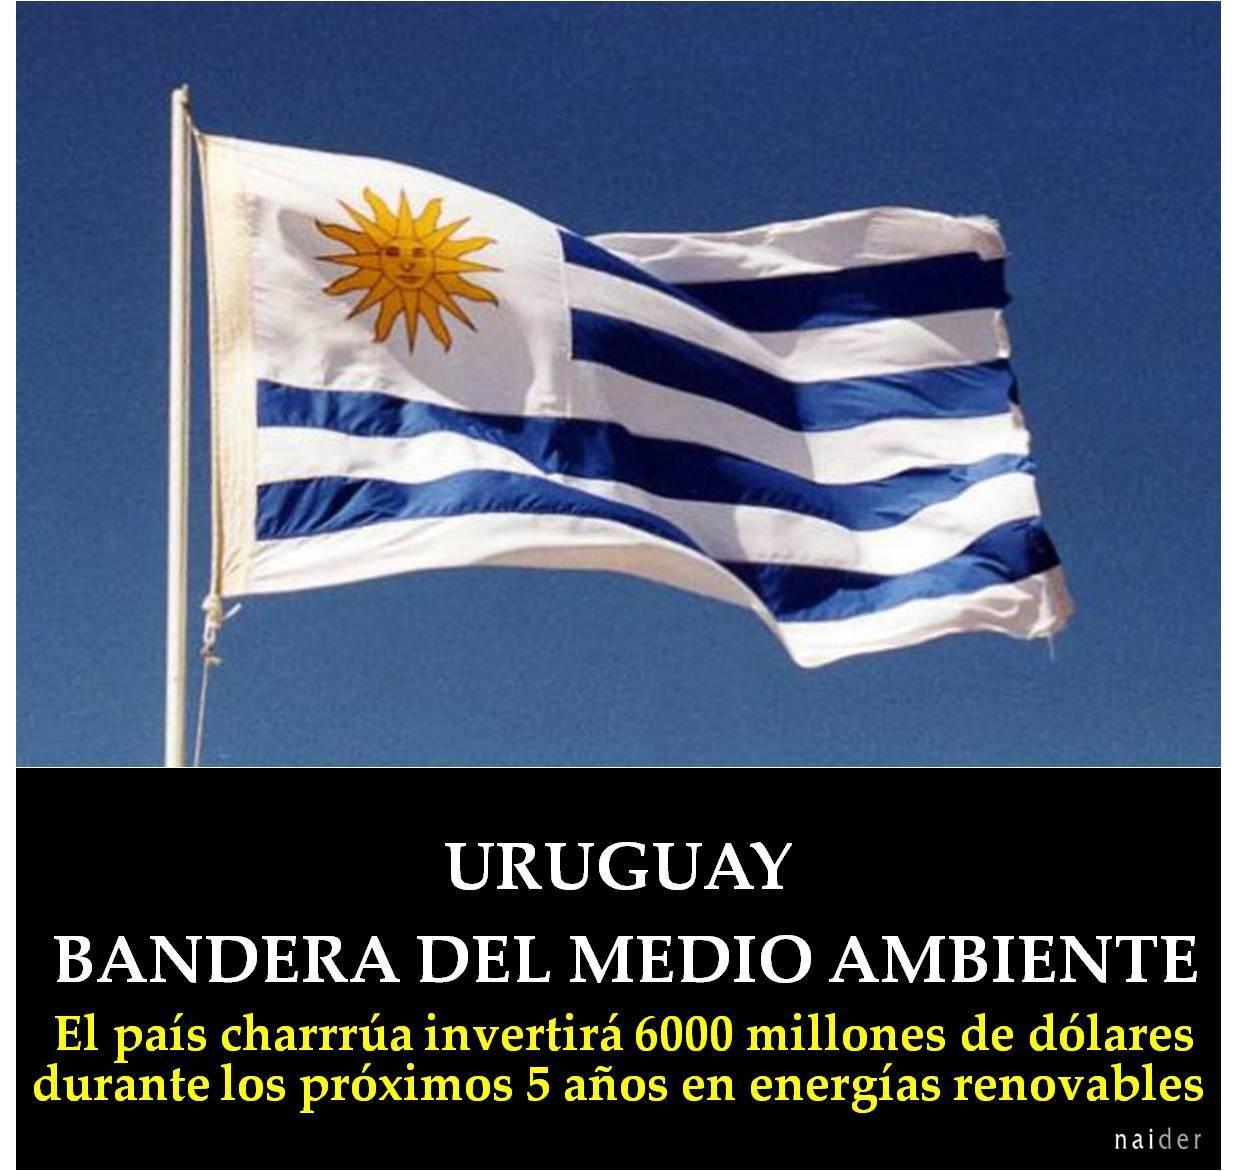 Uruguay bandera del medio ambiente buena